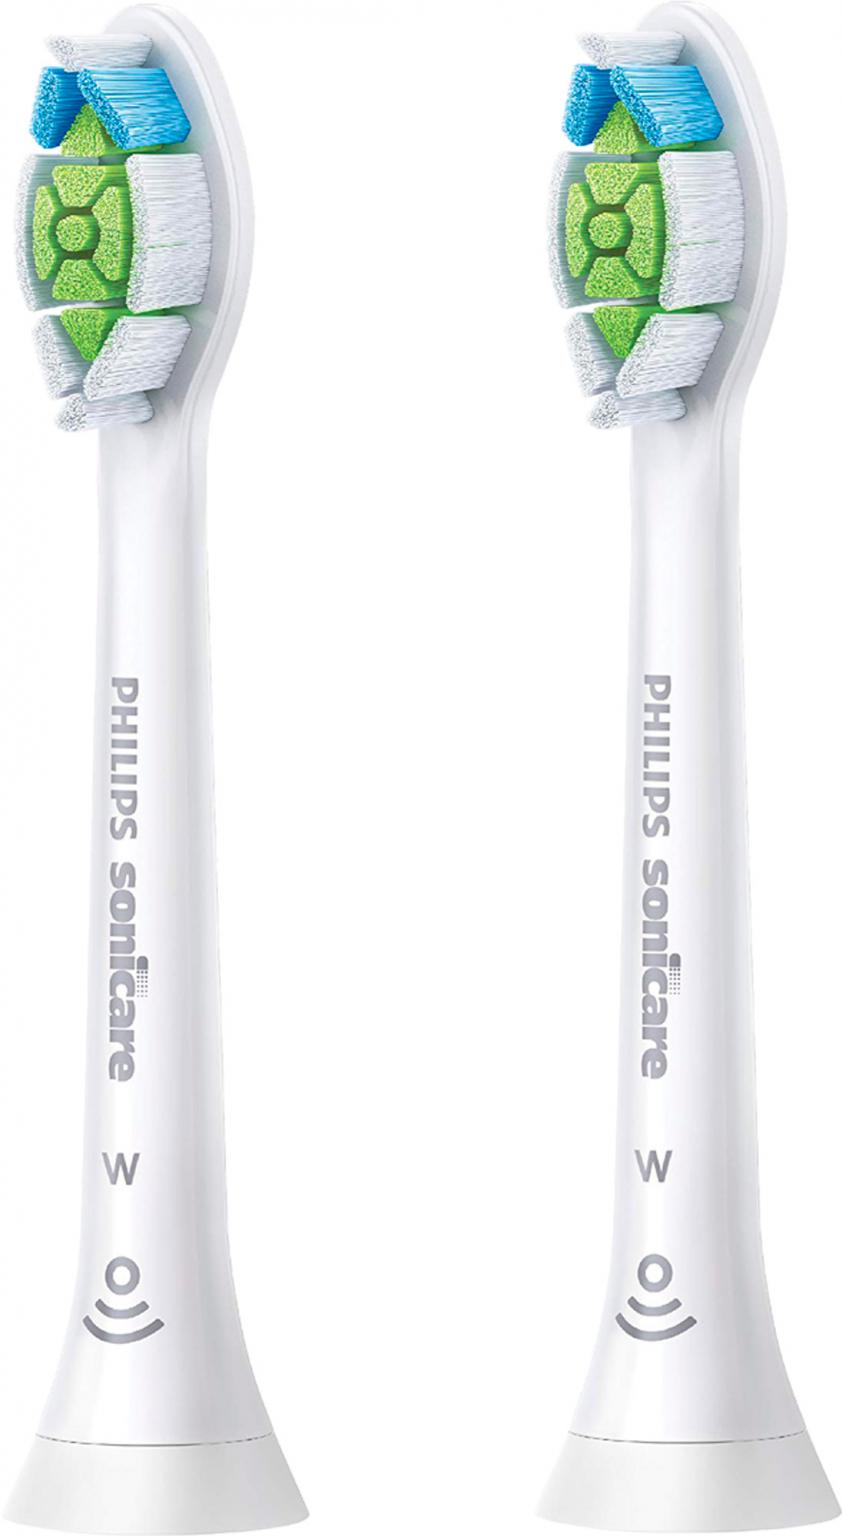 Philips Sonicare DiamondClean HX6062/1